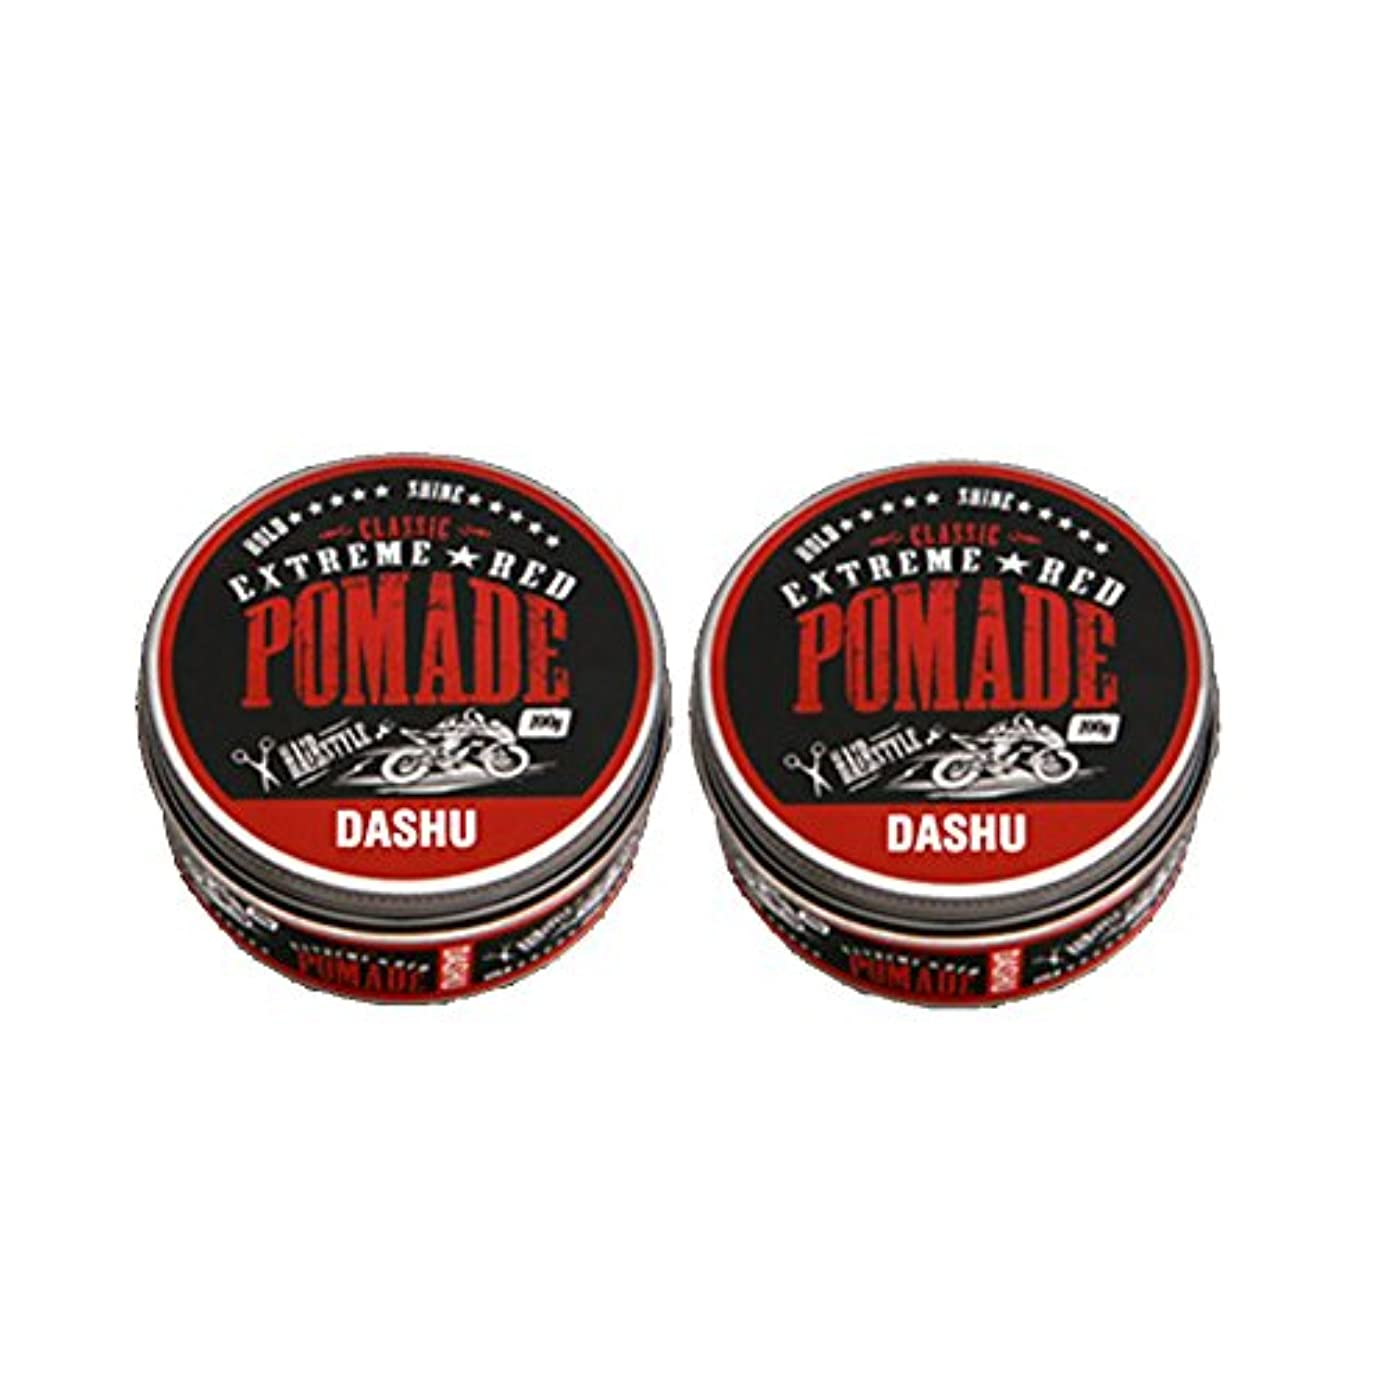 ローマ人重要性鉛筆(2個セット) x [DASHU] ダシュ クラシックエクストリームレッドポマード Classic Extreme Red Pomade Hair Wax 100ml / 韓国製 . 韓国直送品